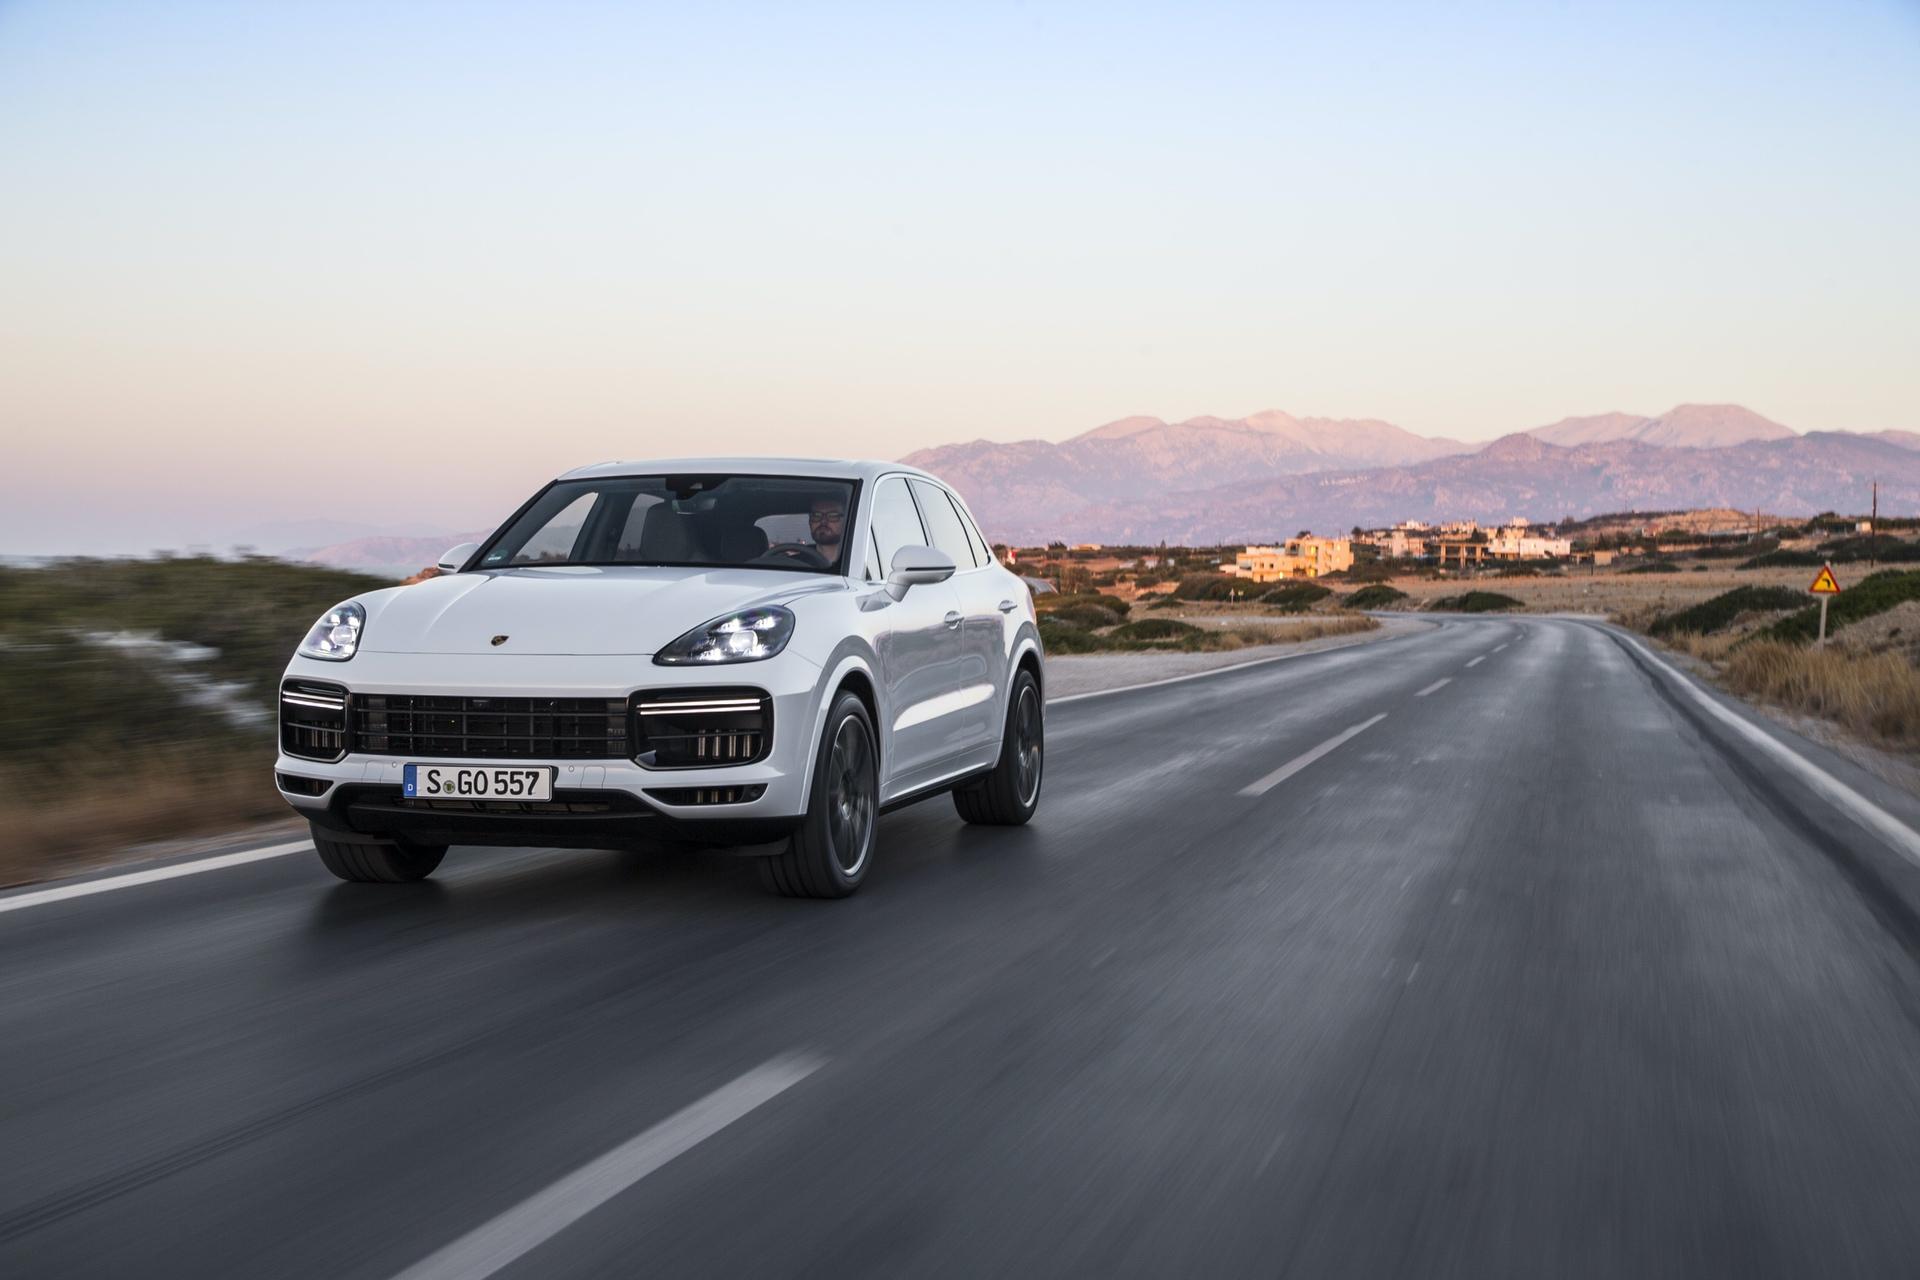 Test_Drive_Porsche_Cayenne_149